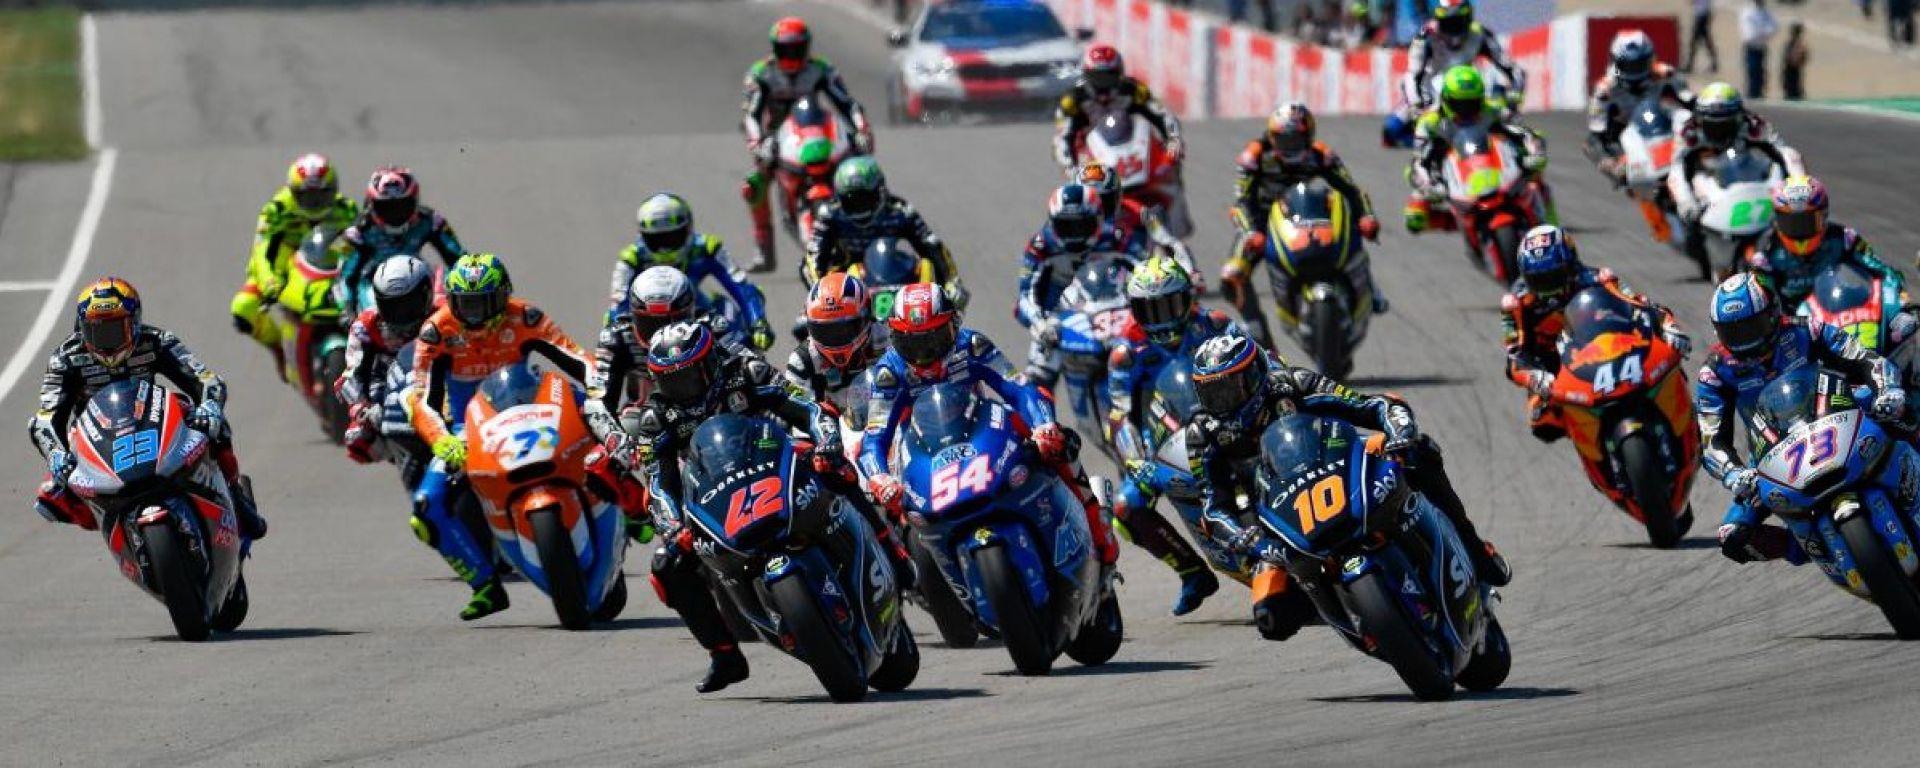 Moto2, tutti i piloti iscritti al mondiale 2019